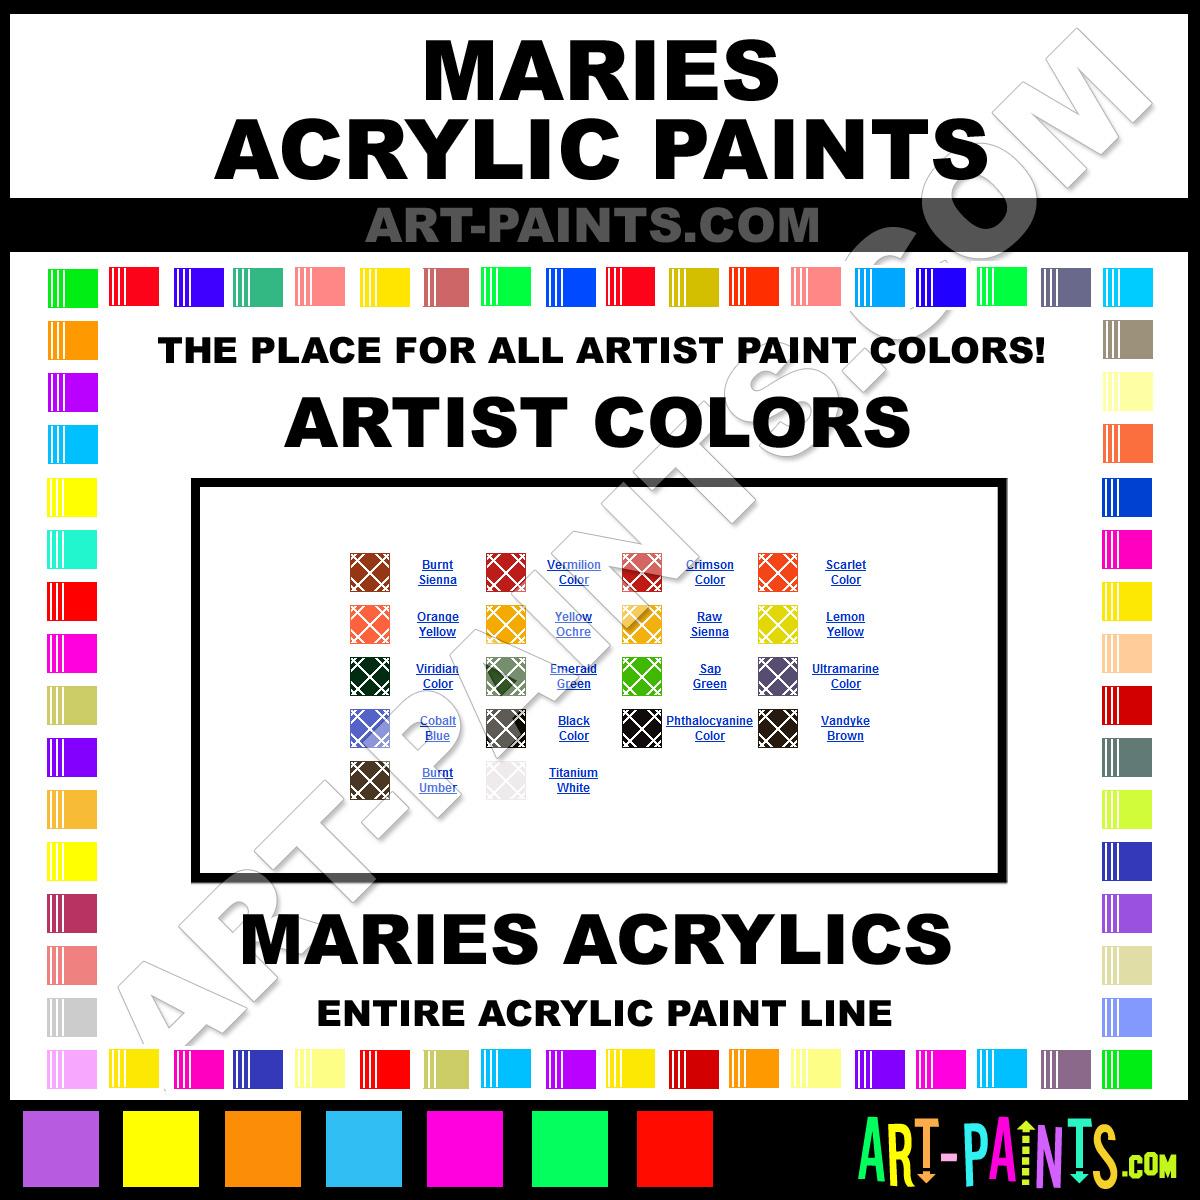 ... Color, Artist Acrylics, Maries Artist Paint line! - Art-Paints.com